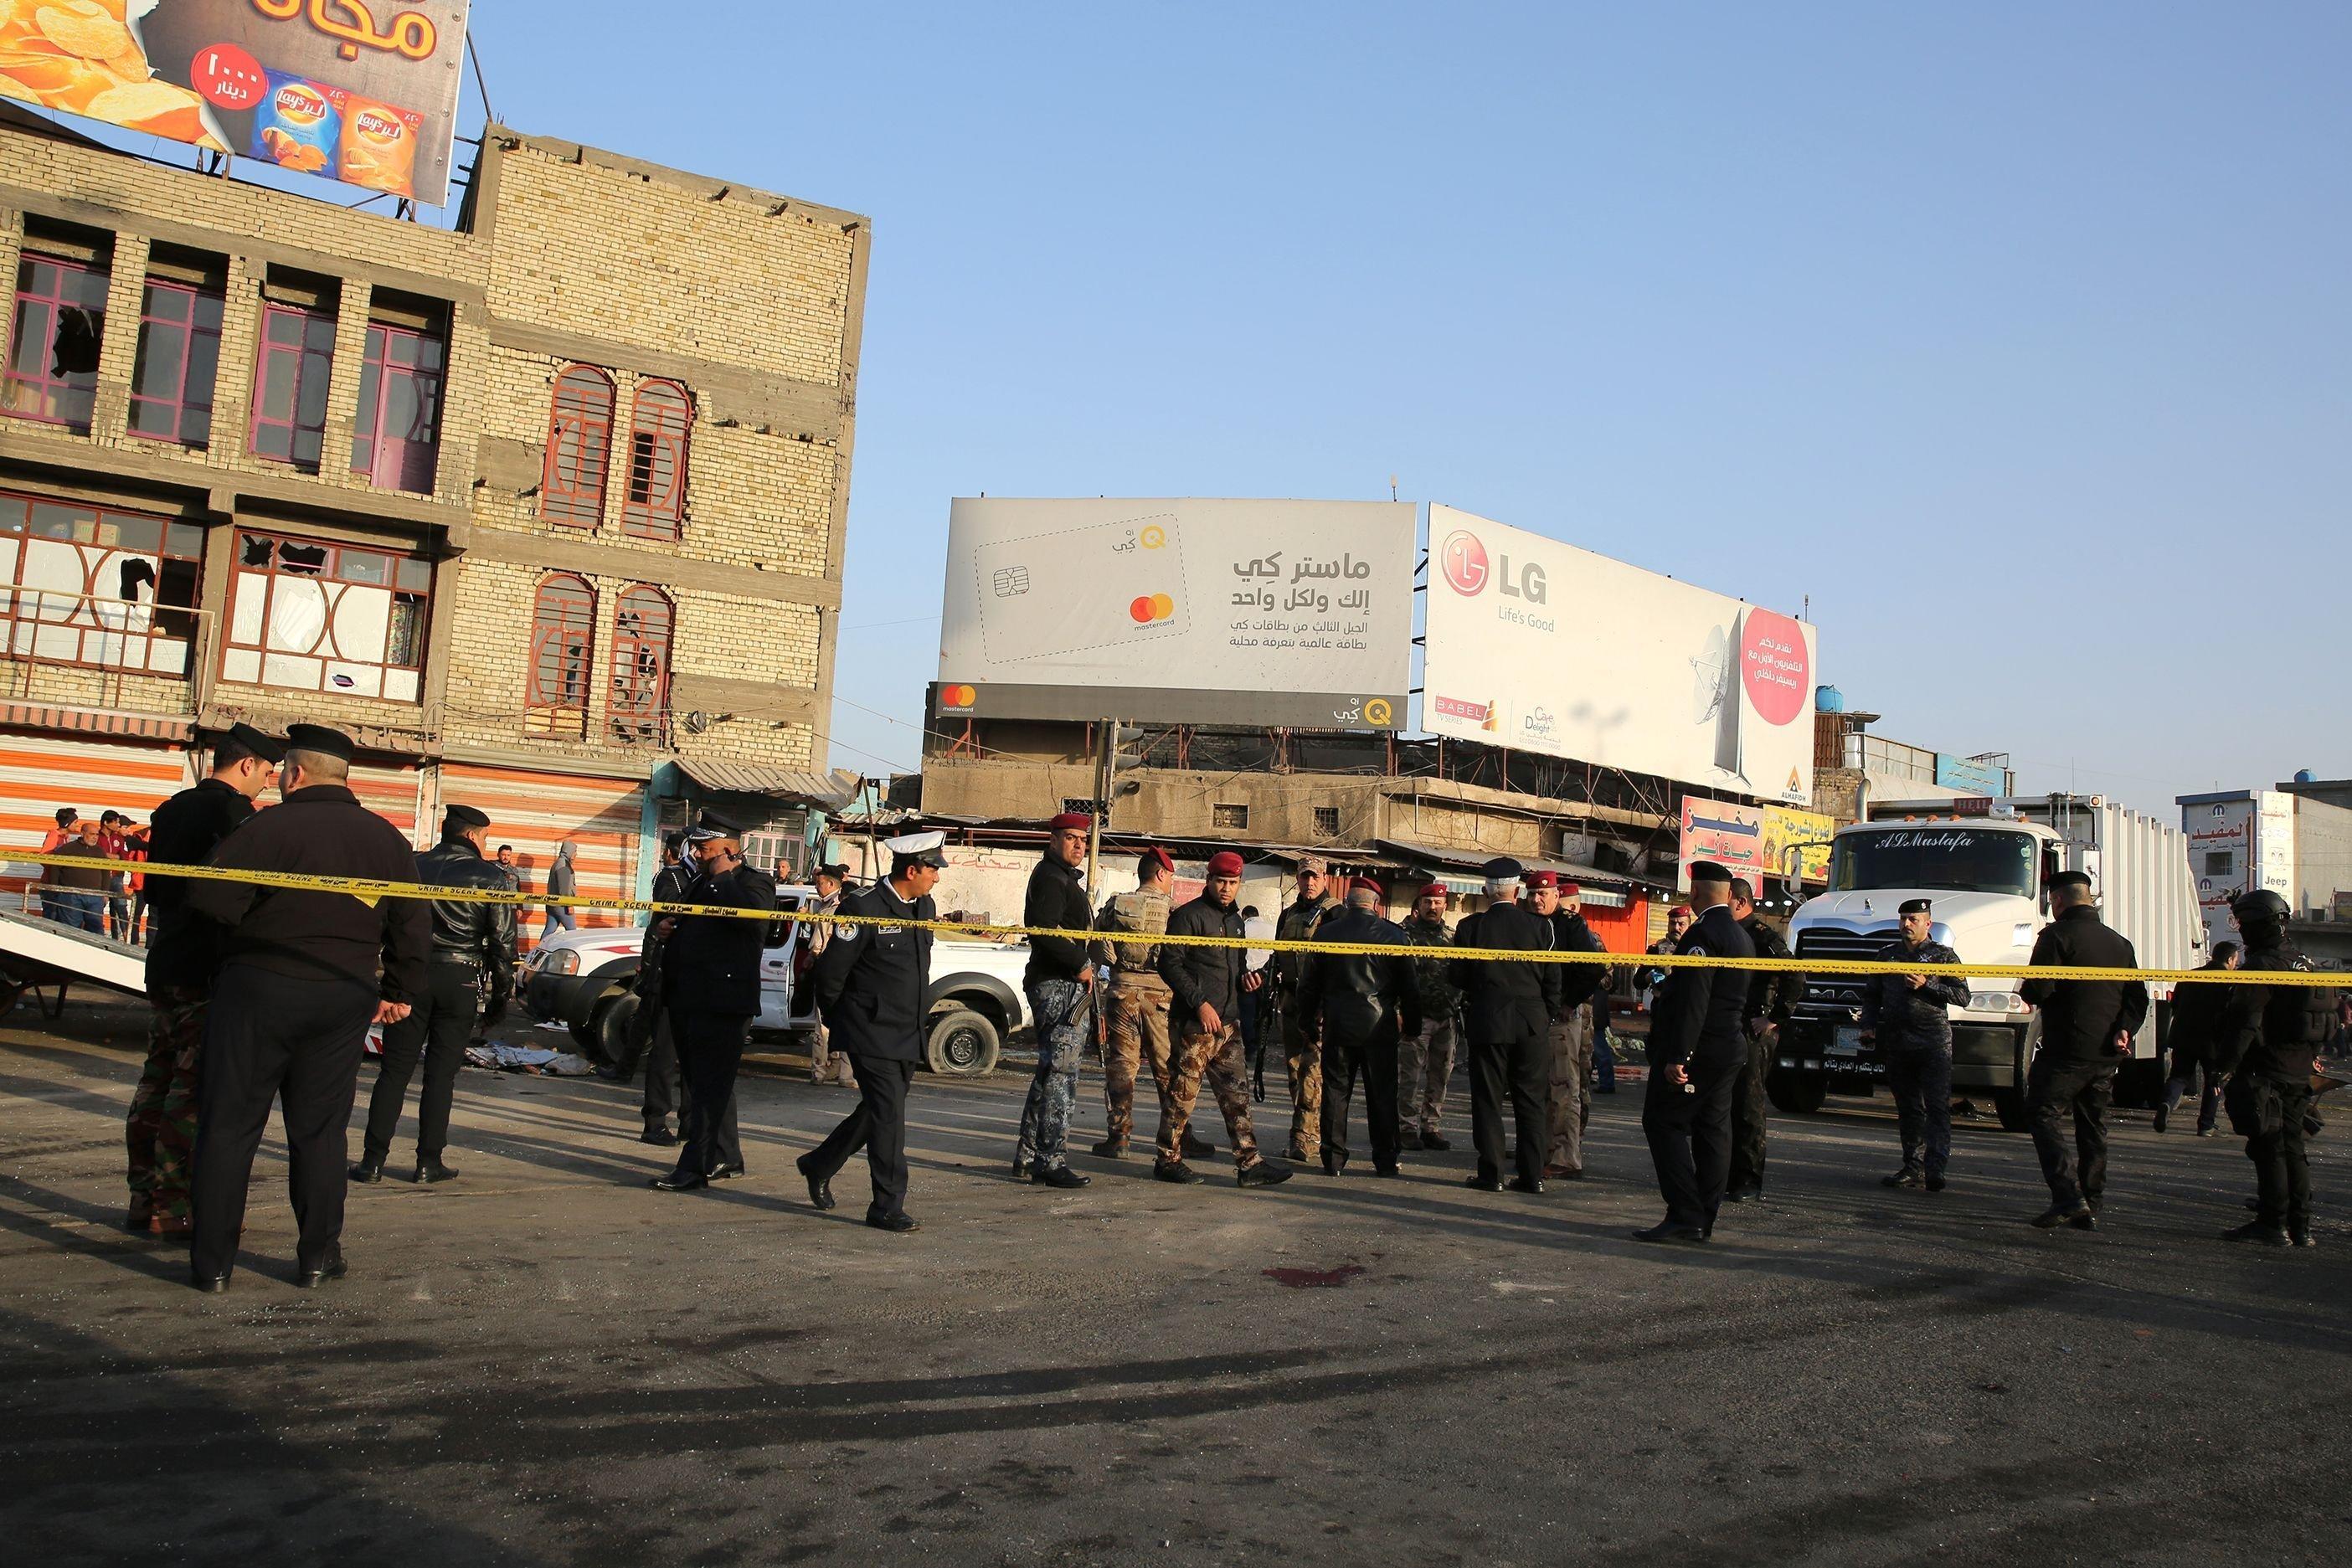 At least 16 killed in Baghdad twin bomb blasts